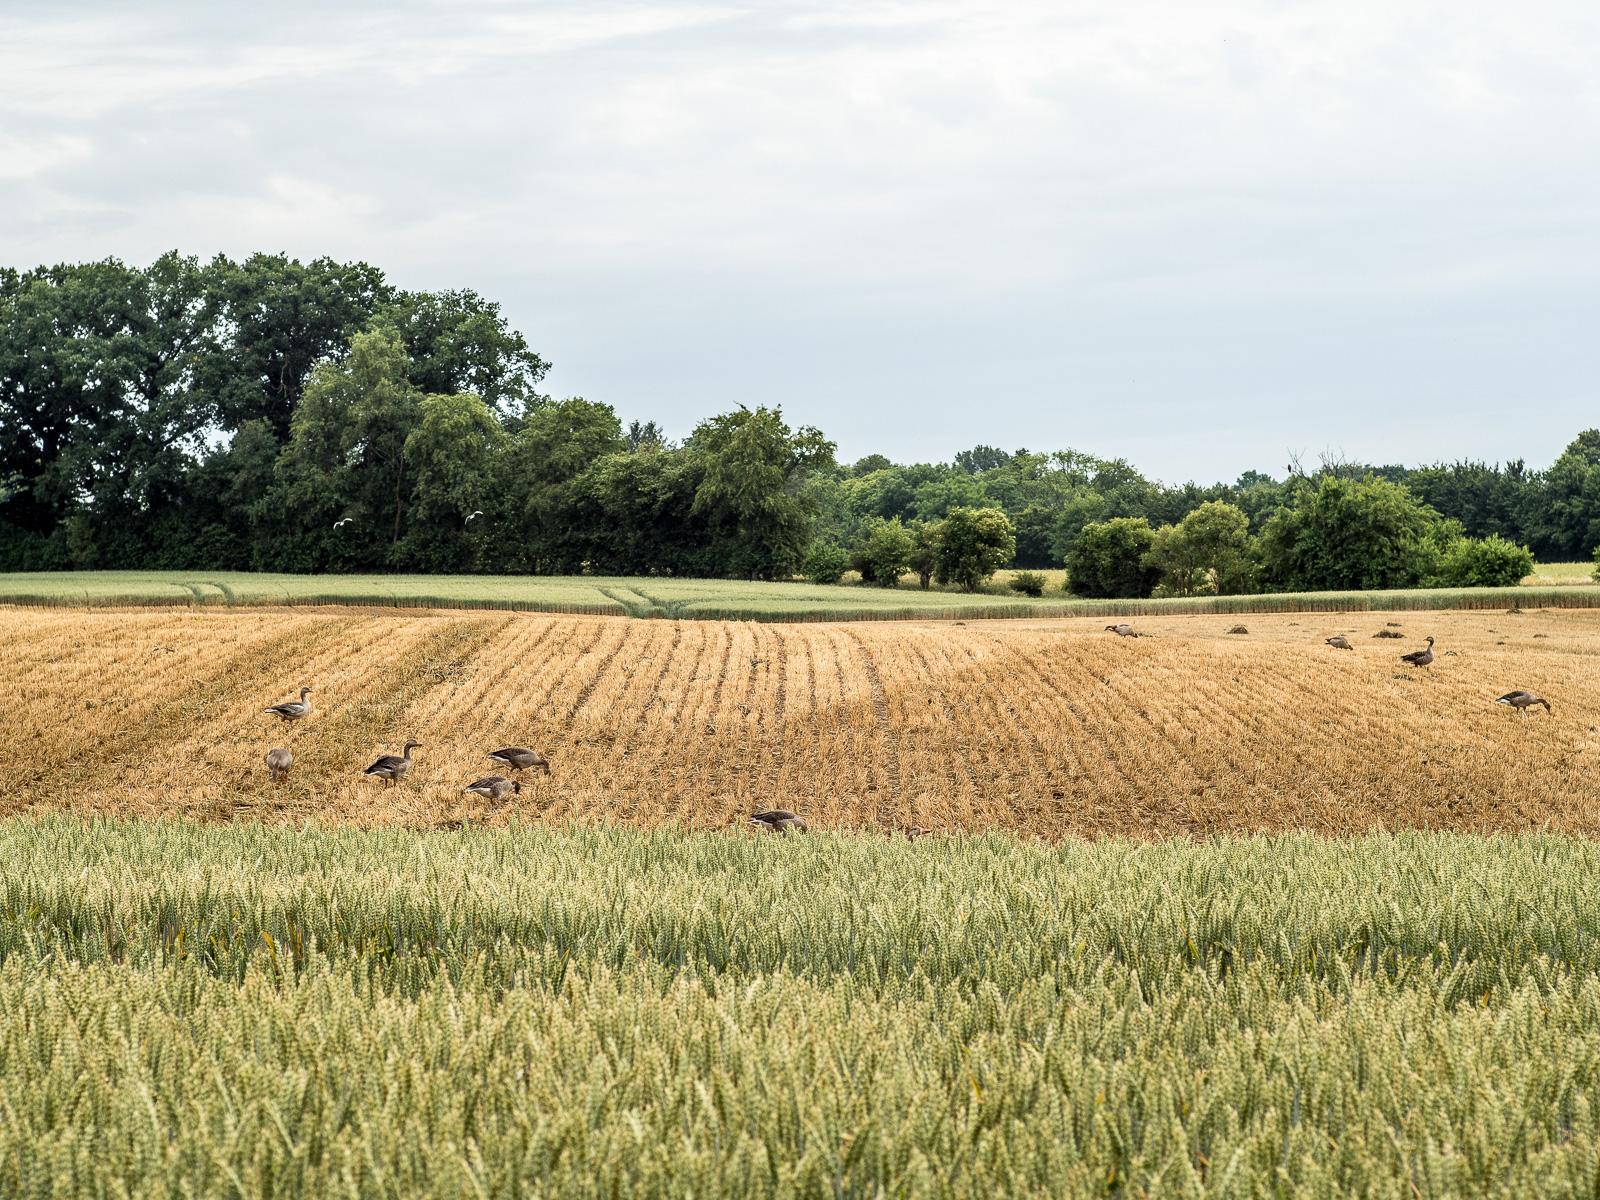 Gänse auf abgeerntetem Getreidefeld